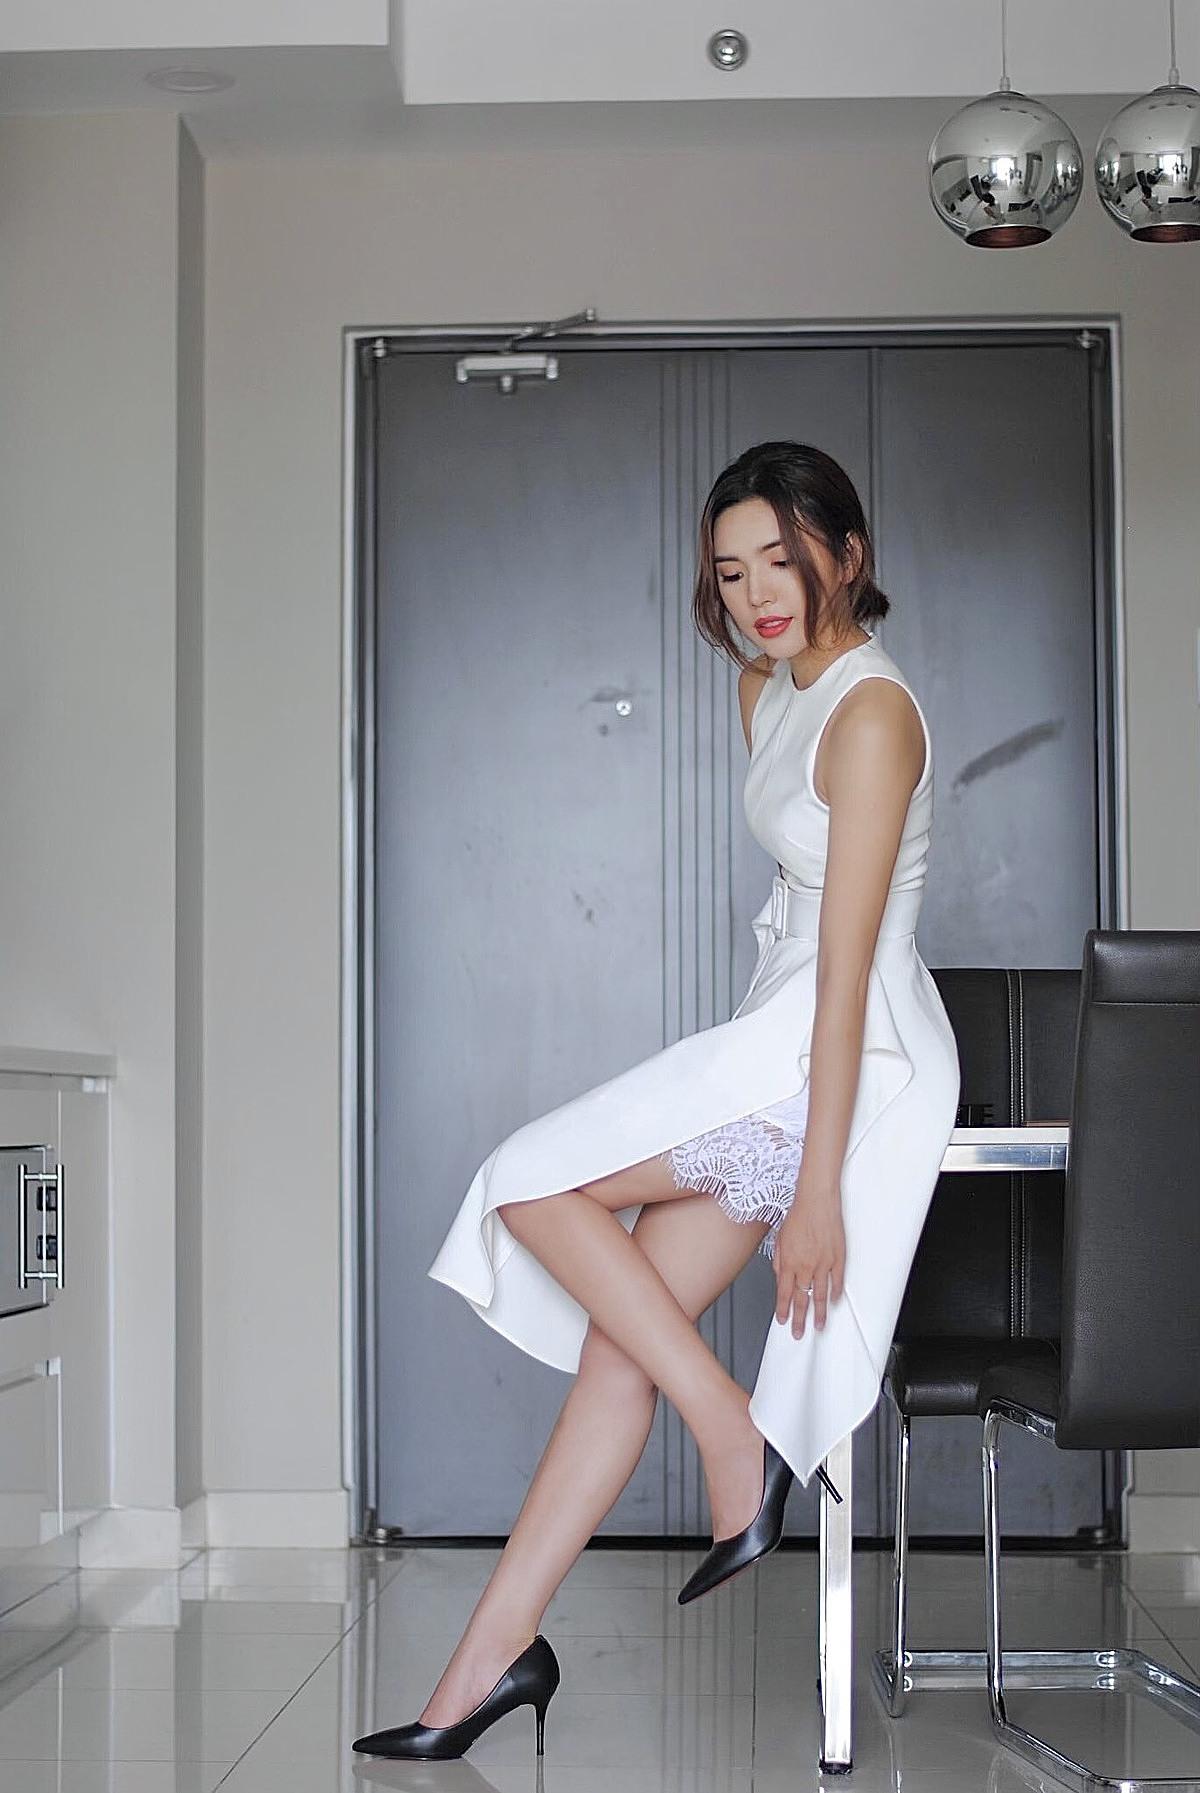 Thời trang BIM kết hợp nhiều phong cách làm toát lên vẻ đẹp sang trọng, quý phái cho quý cô.